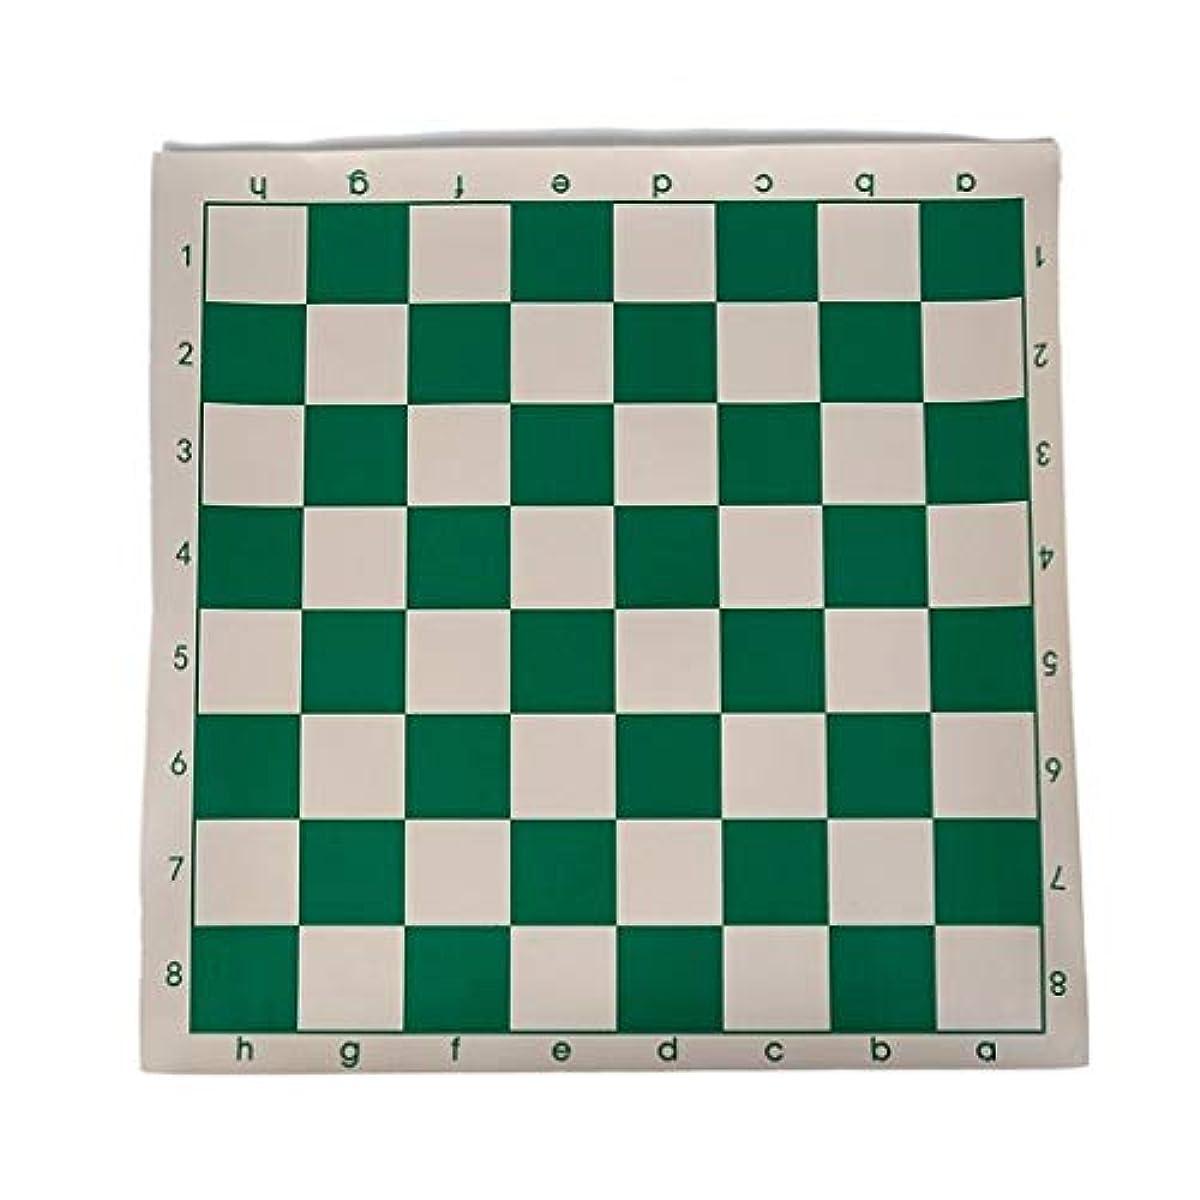 ブレース喉が渇いたクリスチャン高品質おもちゃゲームチェス 1ピースビニールトーナメントチェスボード用子供教育ゲームグリーン&ホワイト磁気ボード用チェスチェッカー34.5センチ クリエイティブトラディショナルチェス (Color : Green White, サイズ : 34.5*34.5cm)